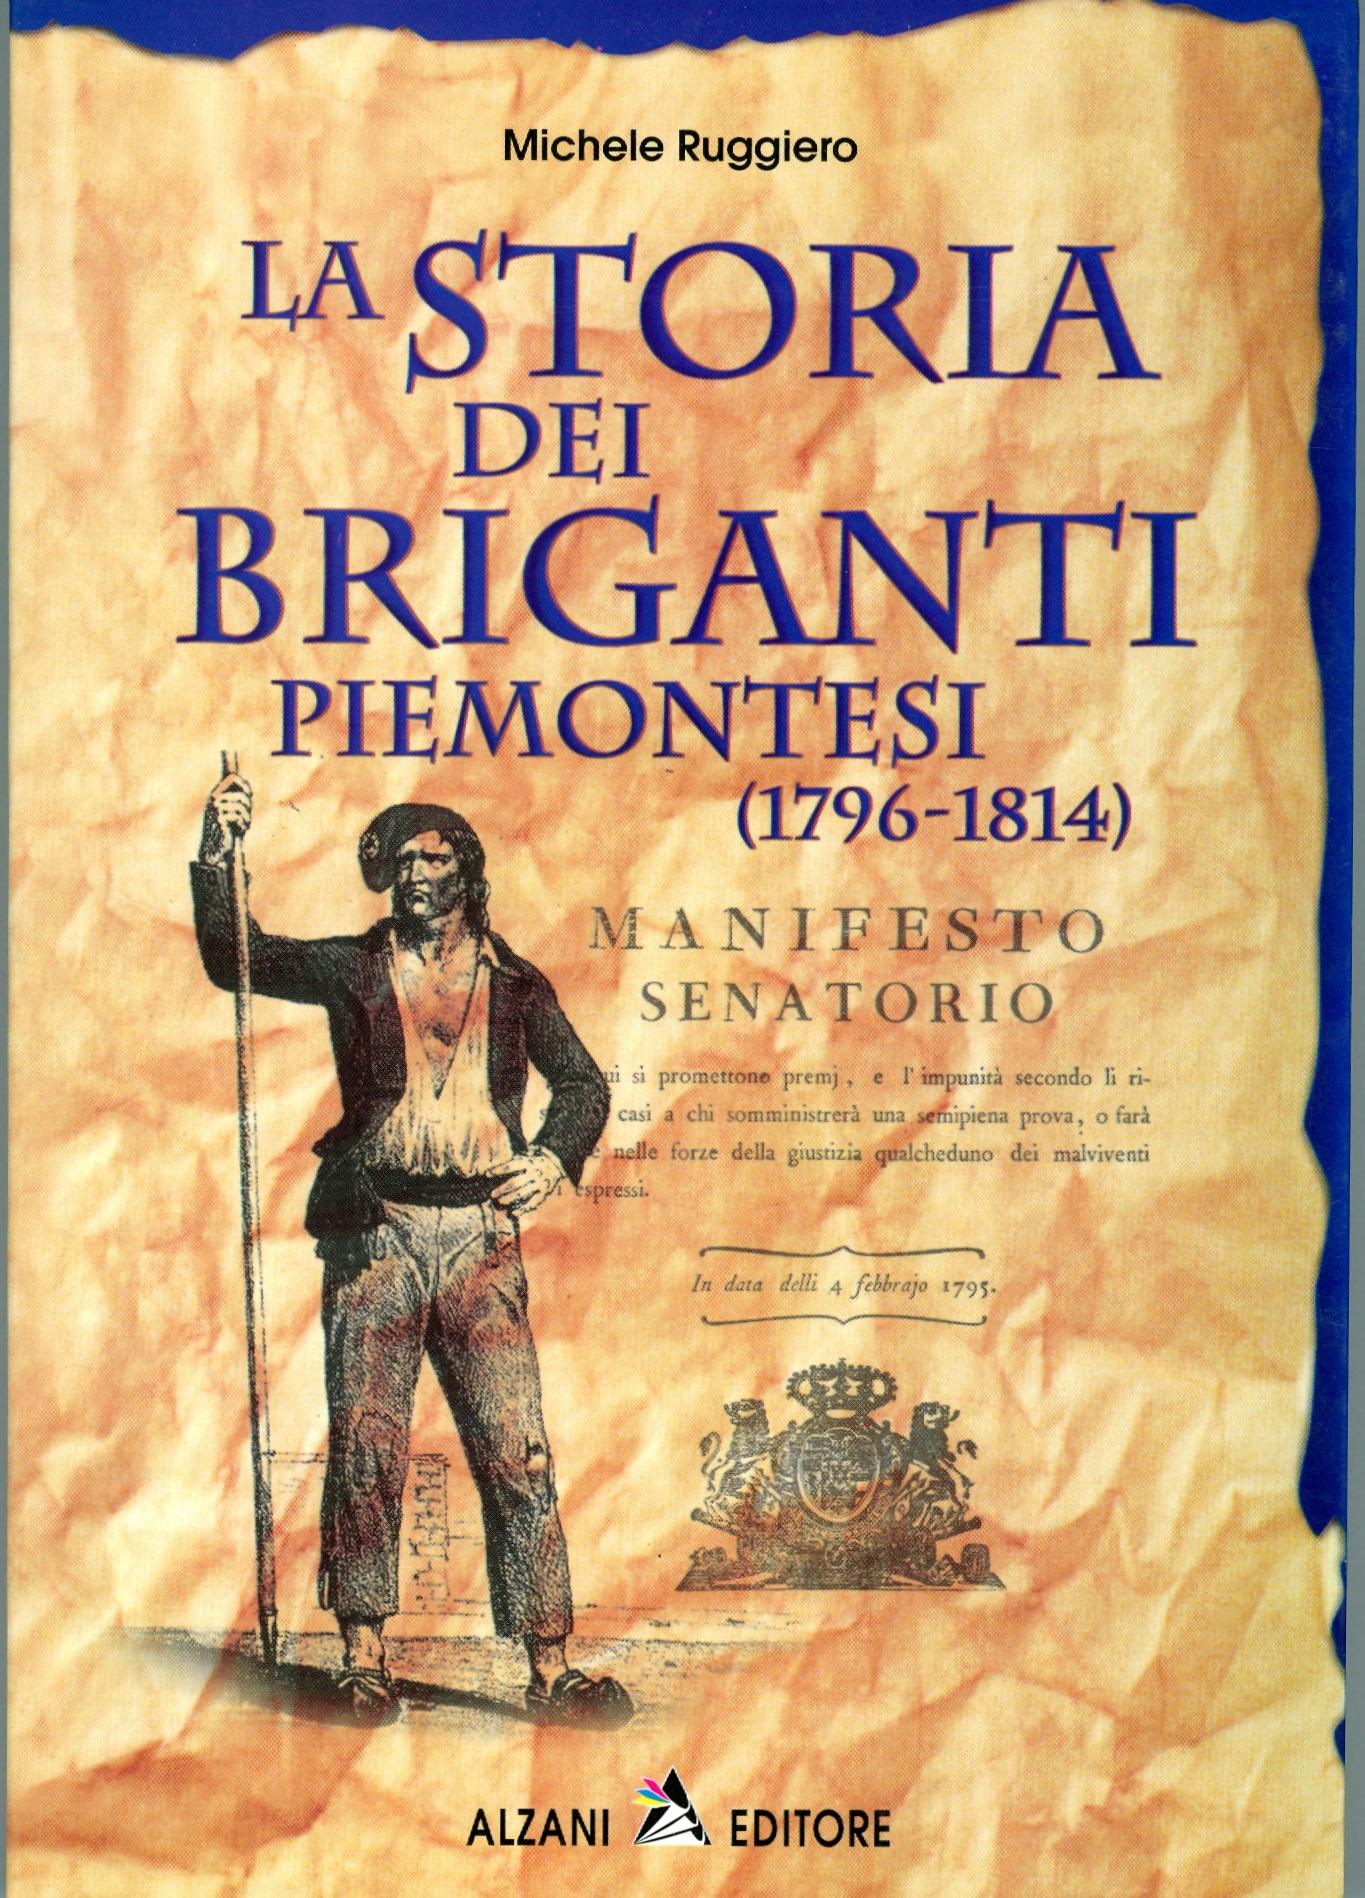 La storia dei briganti piemontesi (1796-1814)